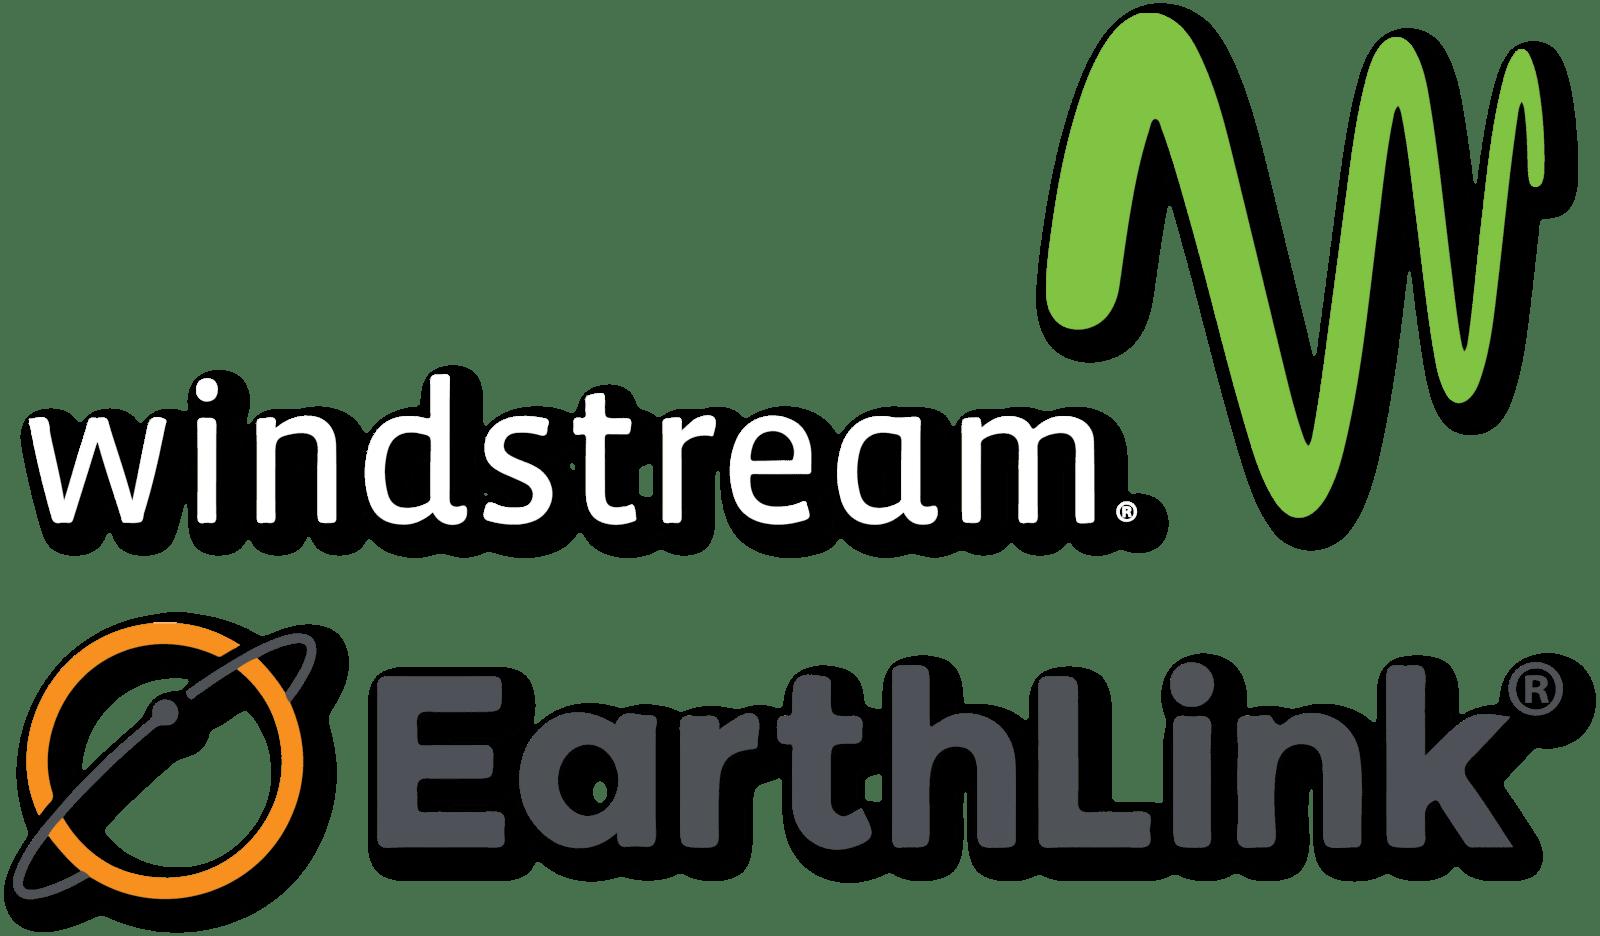 Windstream Earthlink